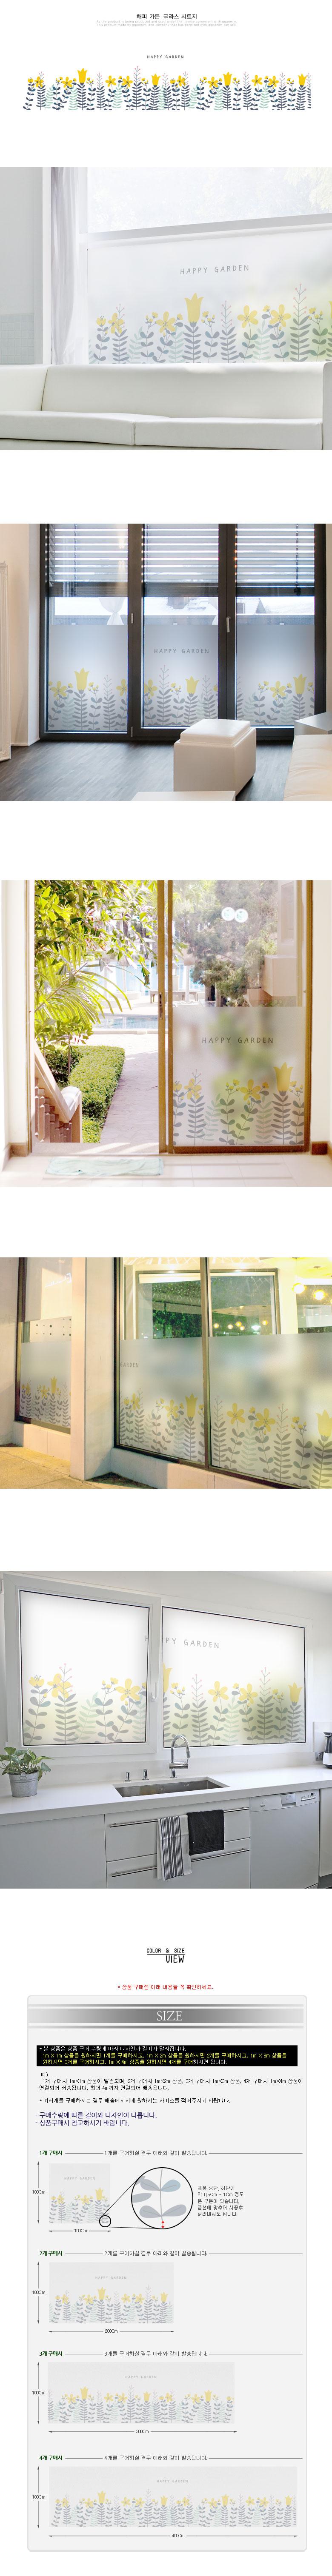 해피가든_글라스시트지 - 꾸밈, 16,000원, 벽시/시트지, 디자인 시트지